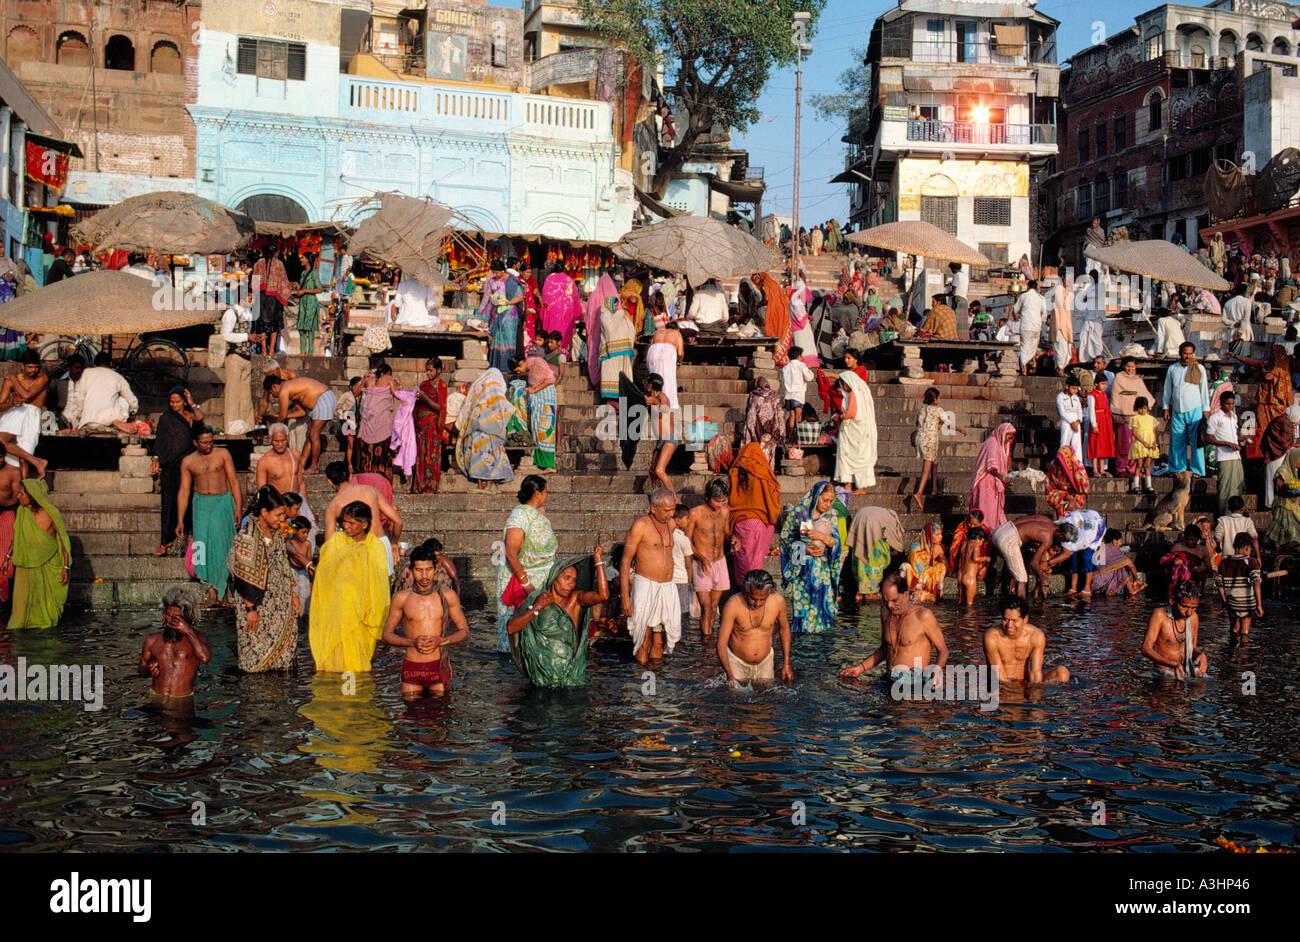 Echelle de religieux au Gange ghat de varanasi ville etat de l'Uttar Pradesh, Inde Banque D'Images